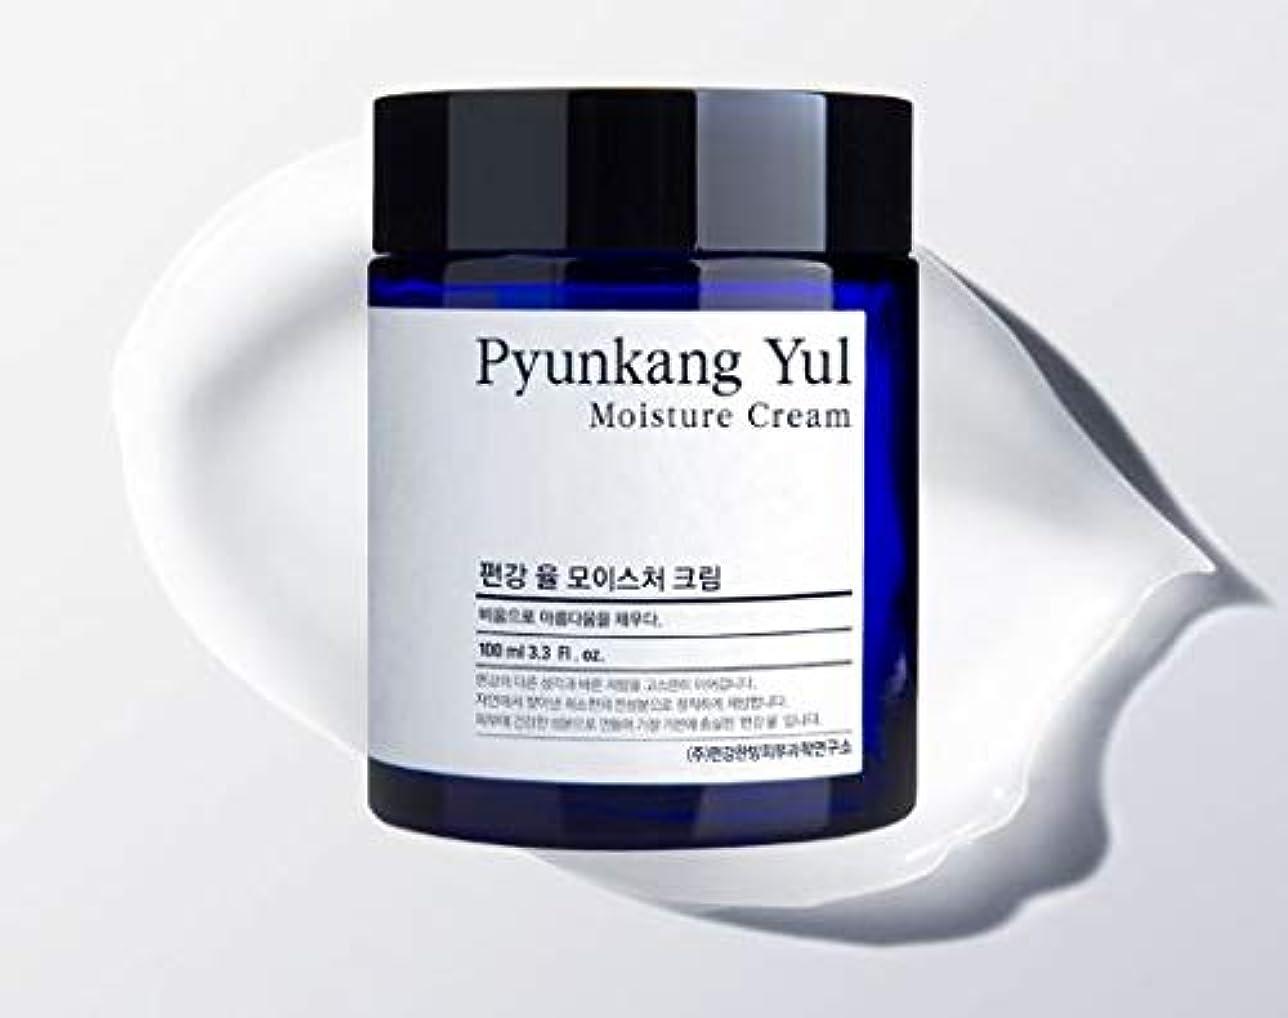 インポート手積分[Pyunkang Yul] Moisture Cream 100ml /モイスチャークリーム 100ml [並行輸入品]